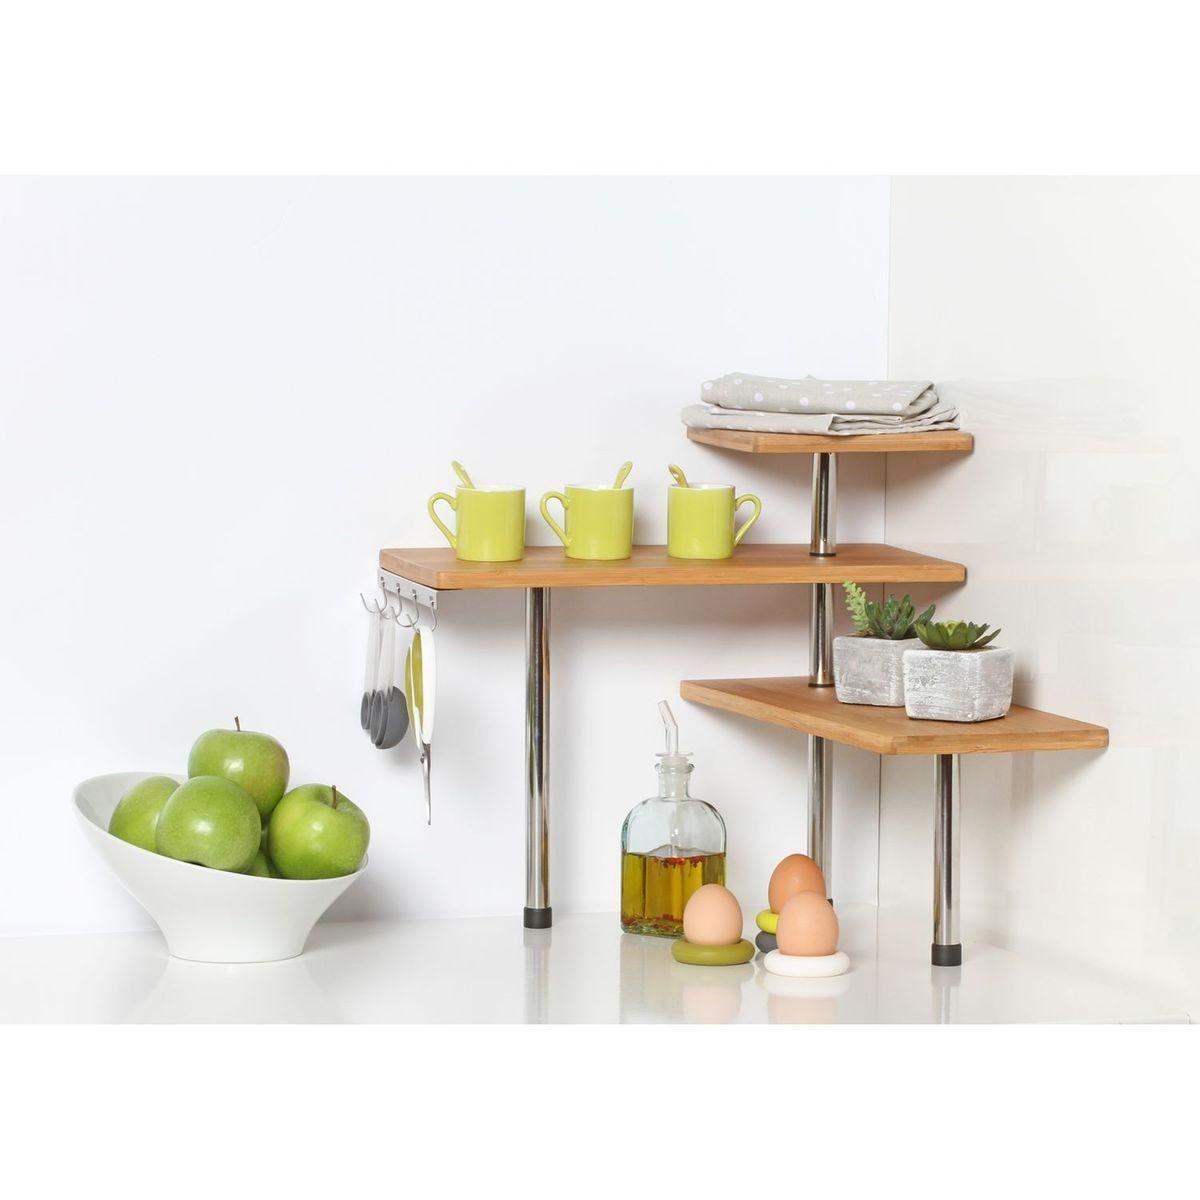 Taille D Une Cuisine etagère d'angle de cuisine en bambou - taille : taille